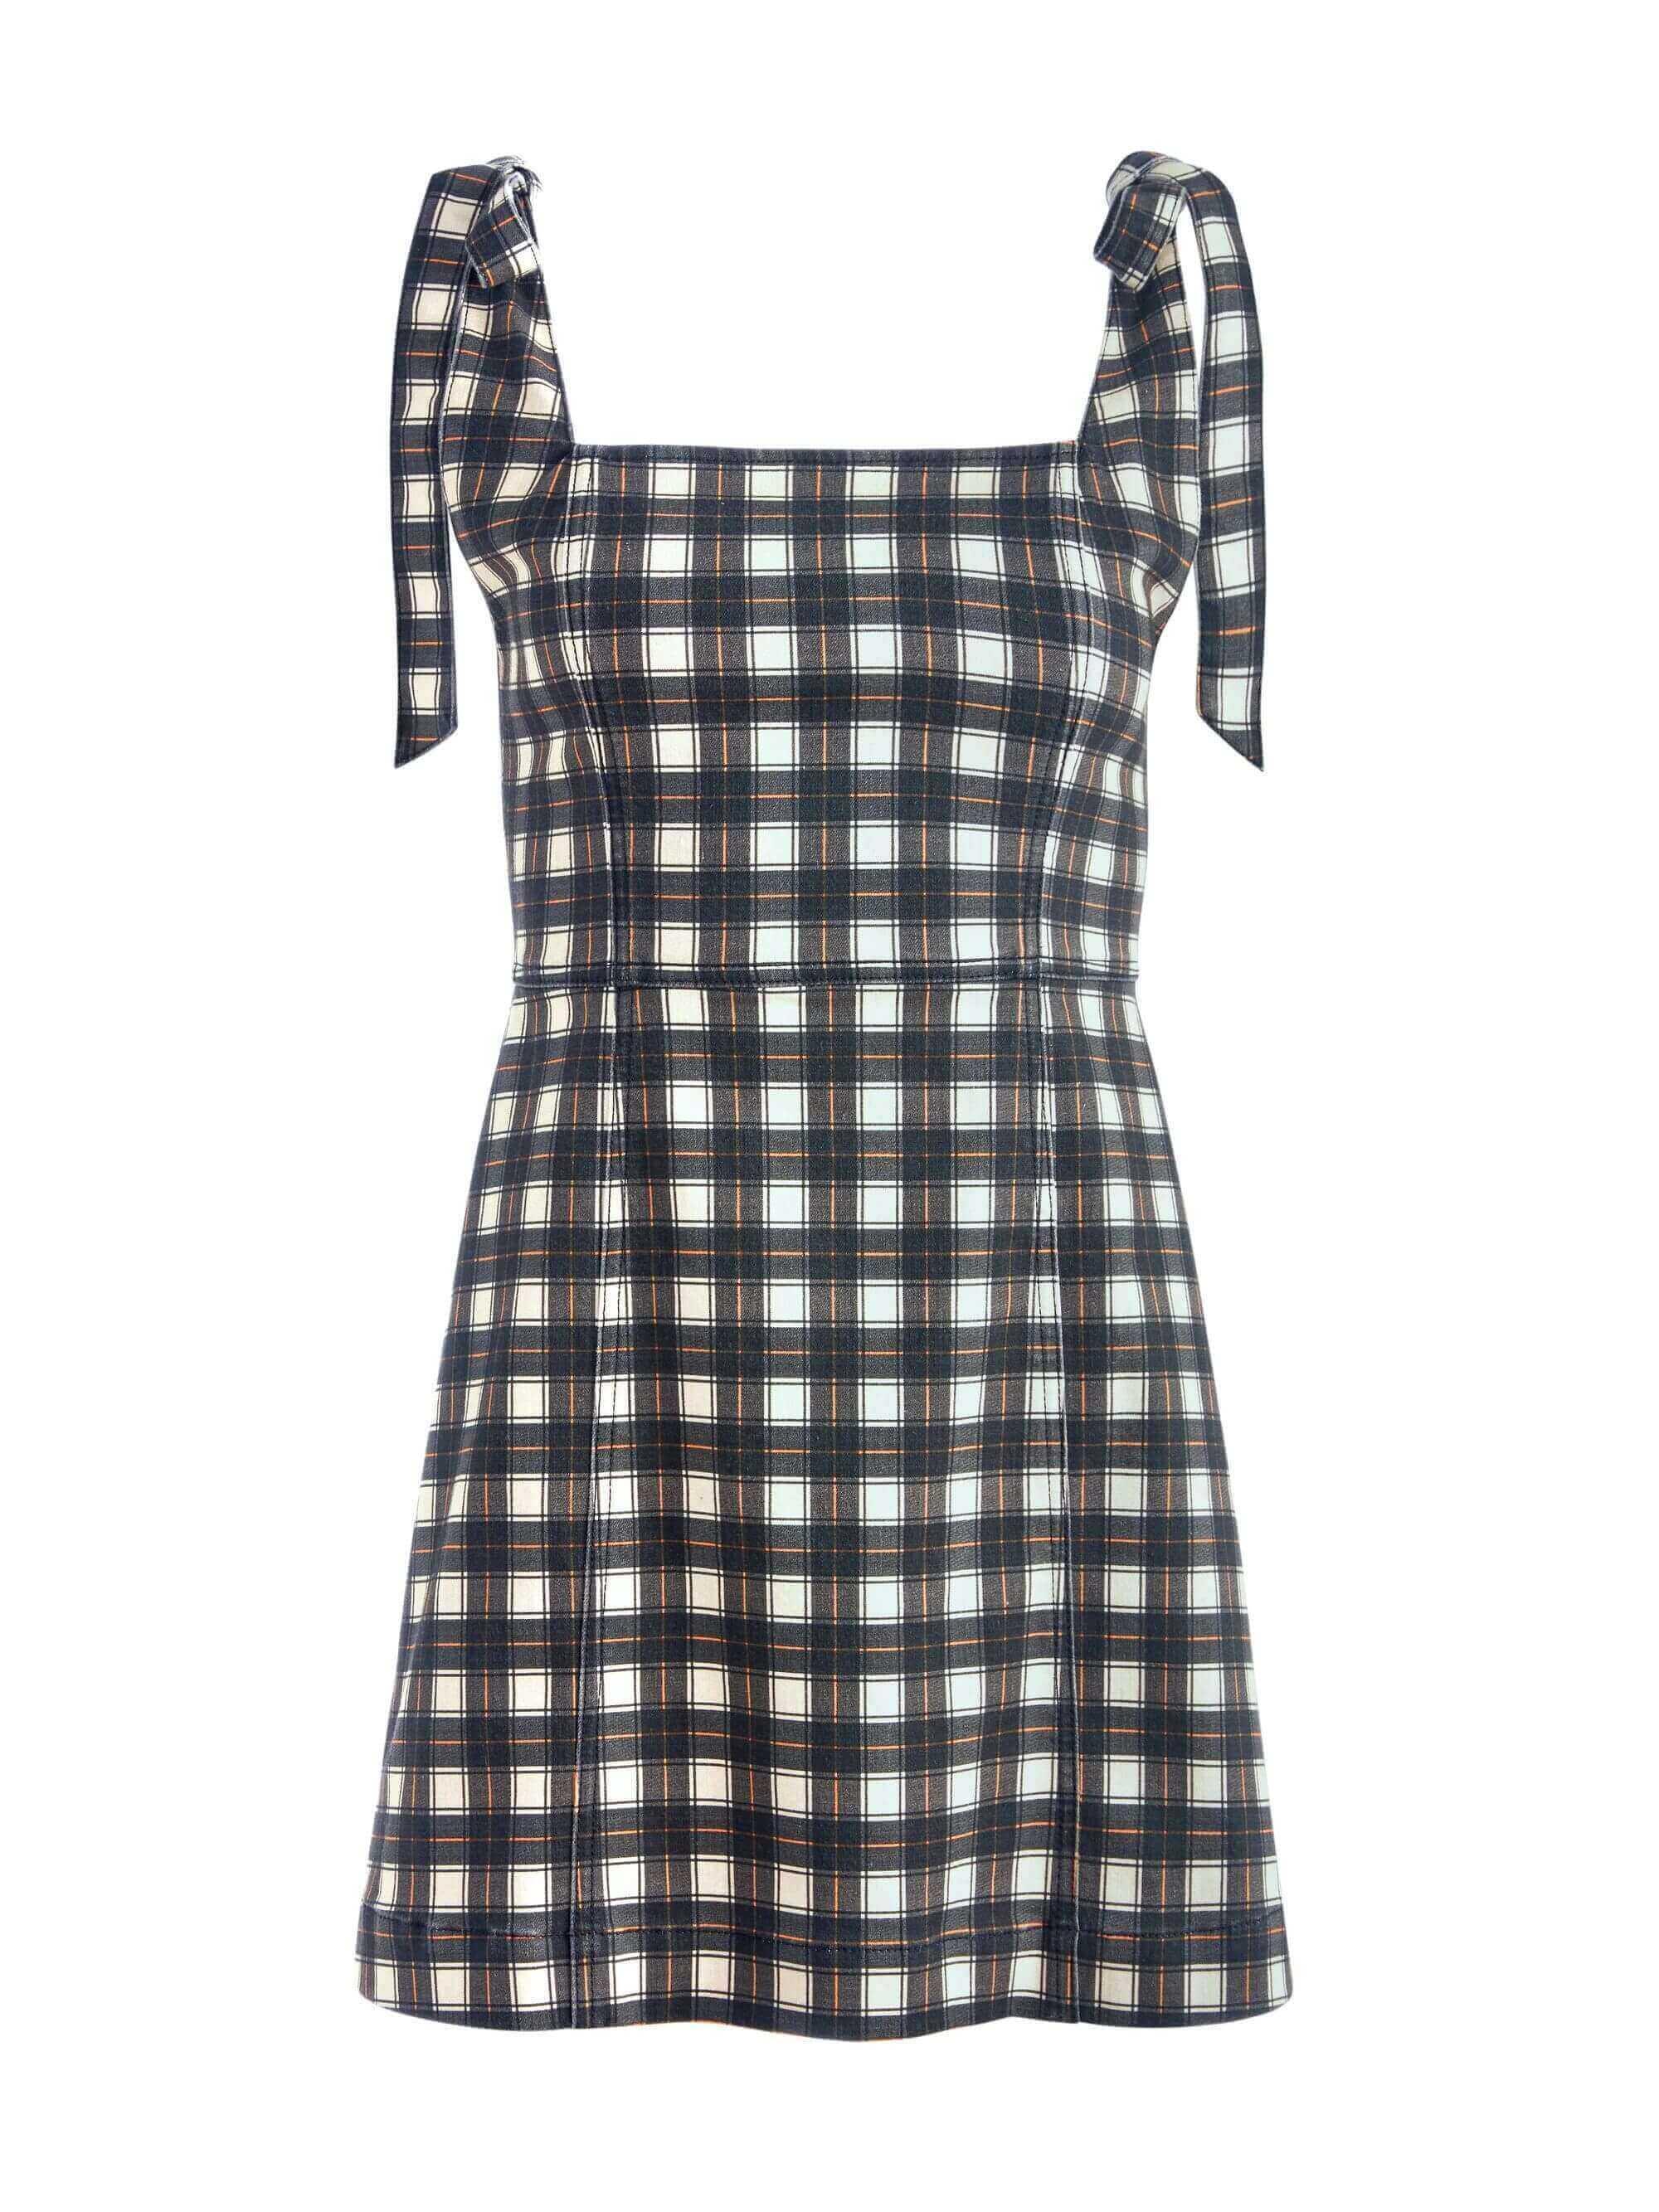 Maryann Plaid Dress Item # CC107P23501